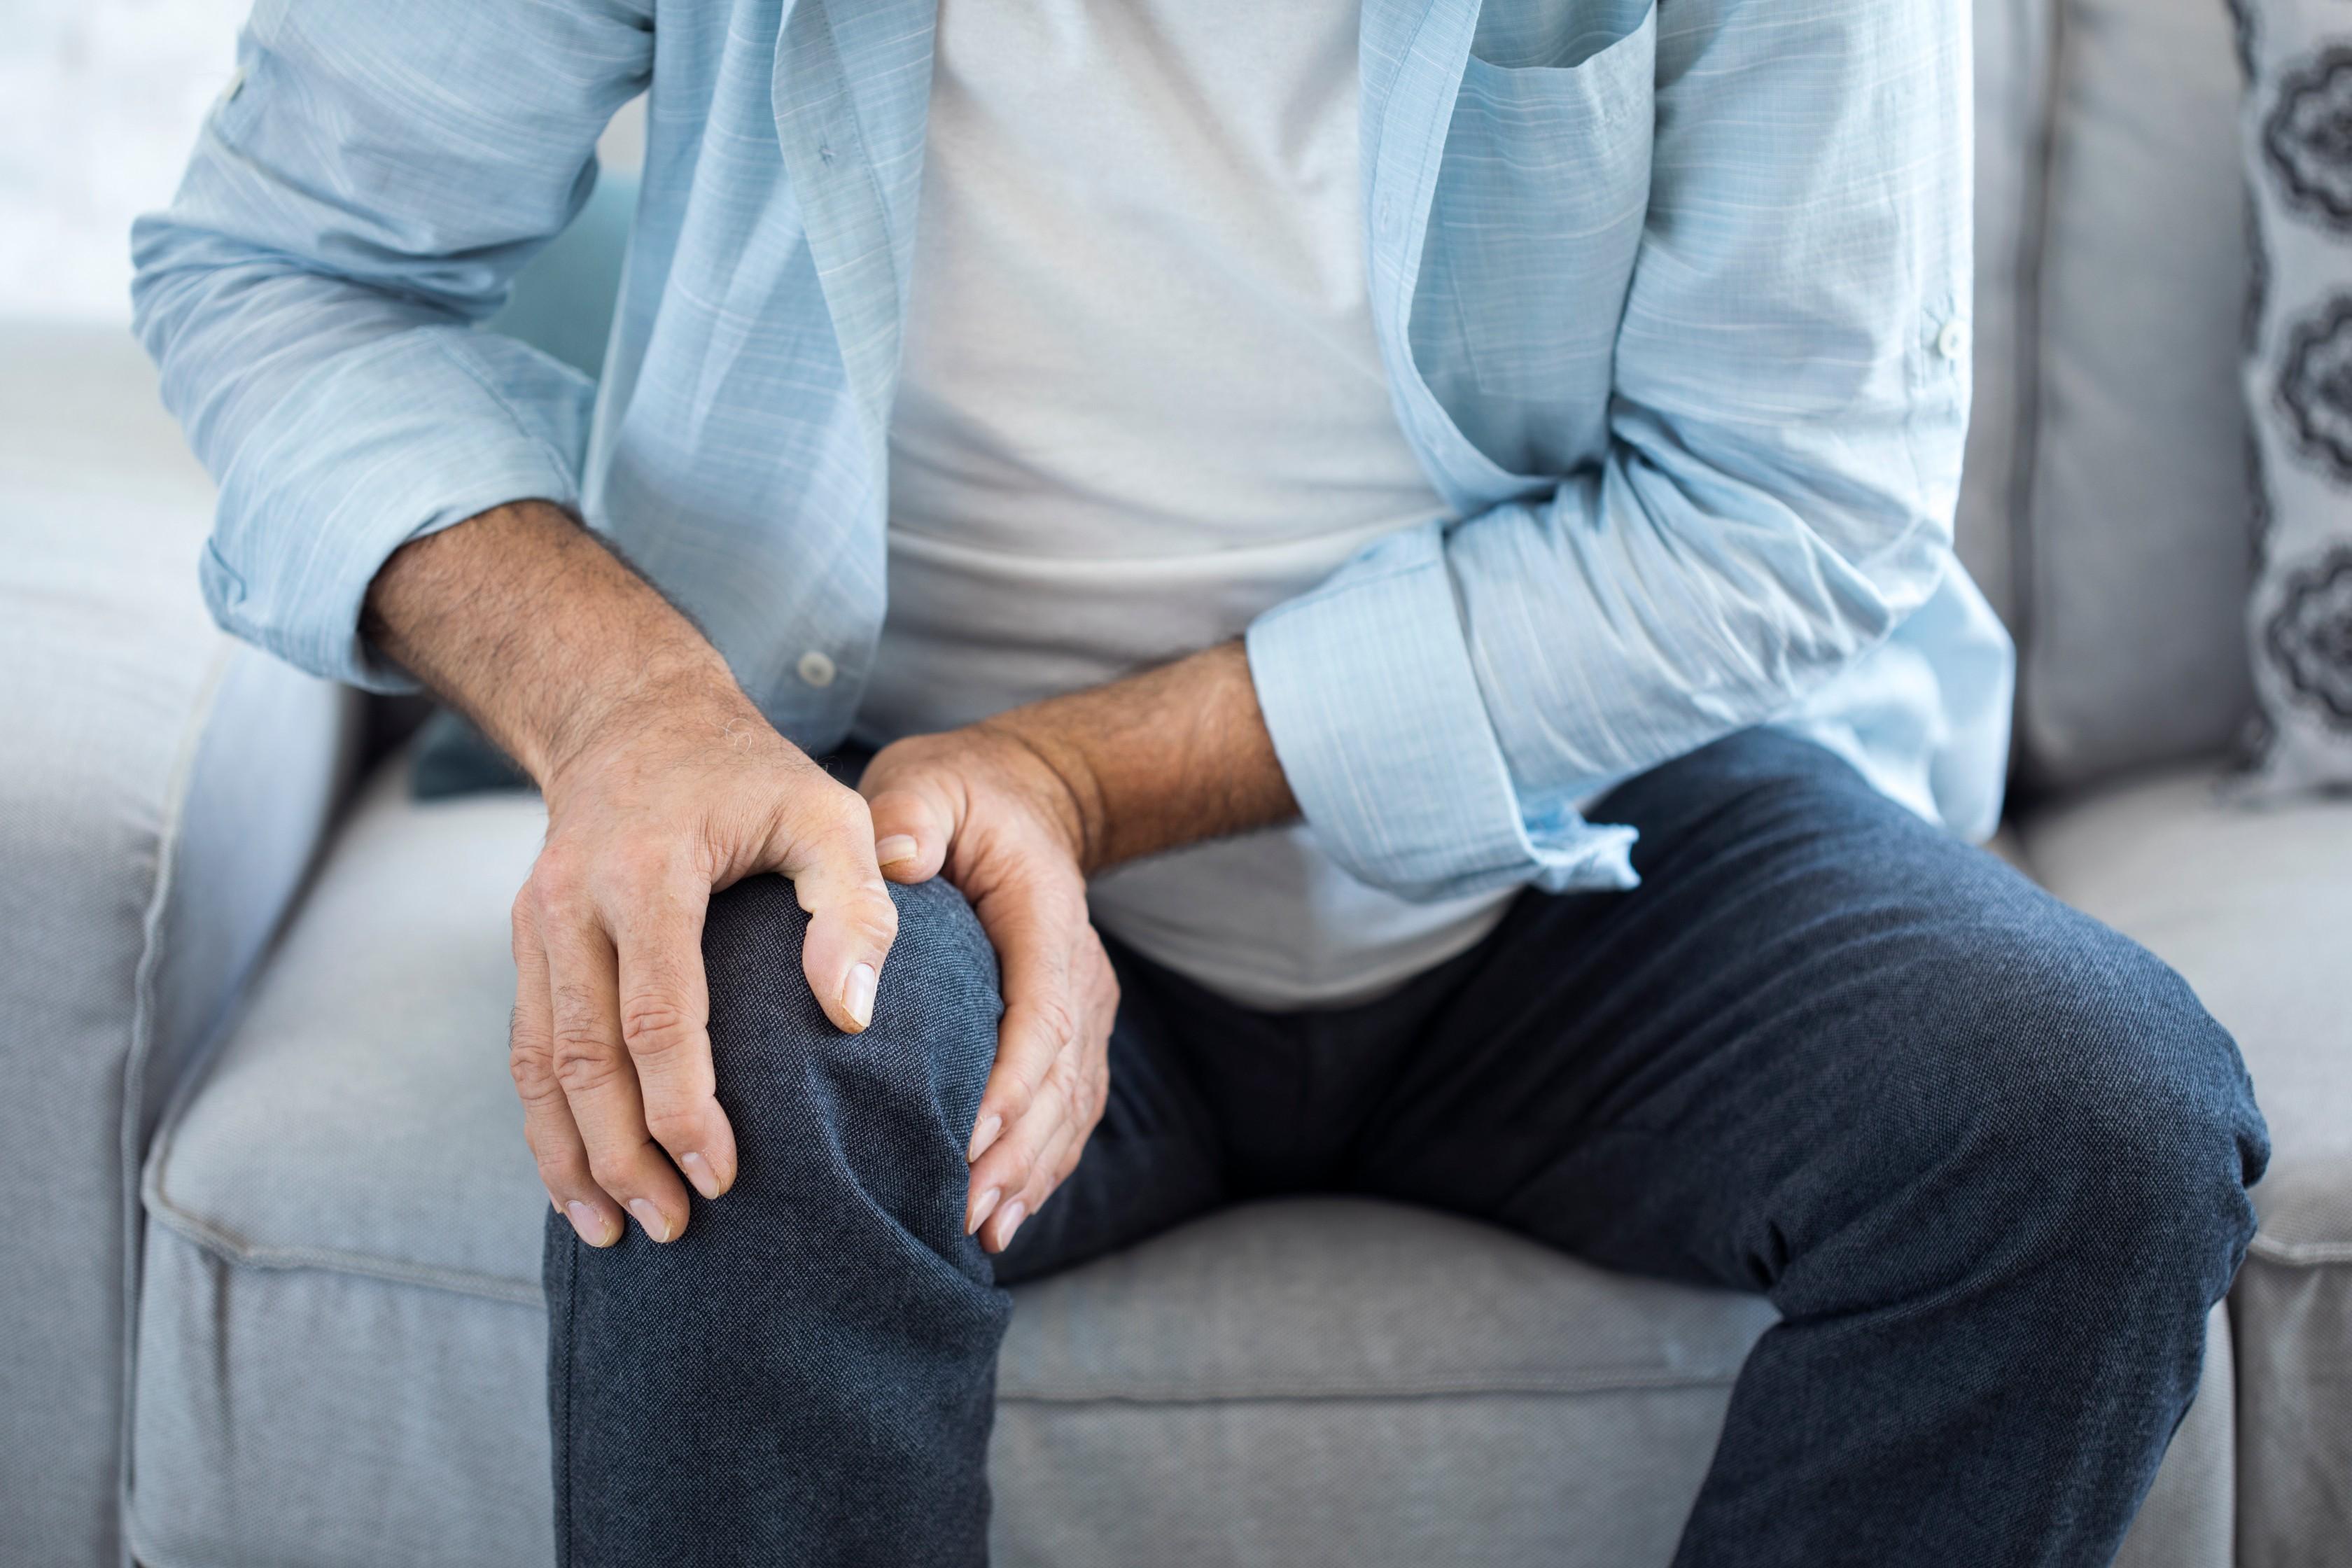 az ízületek fájnak az edzőteremben végzett edzés után ízületi fájdalom és nyaki fájdalom